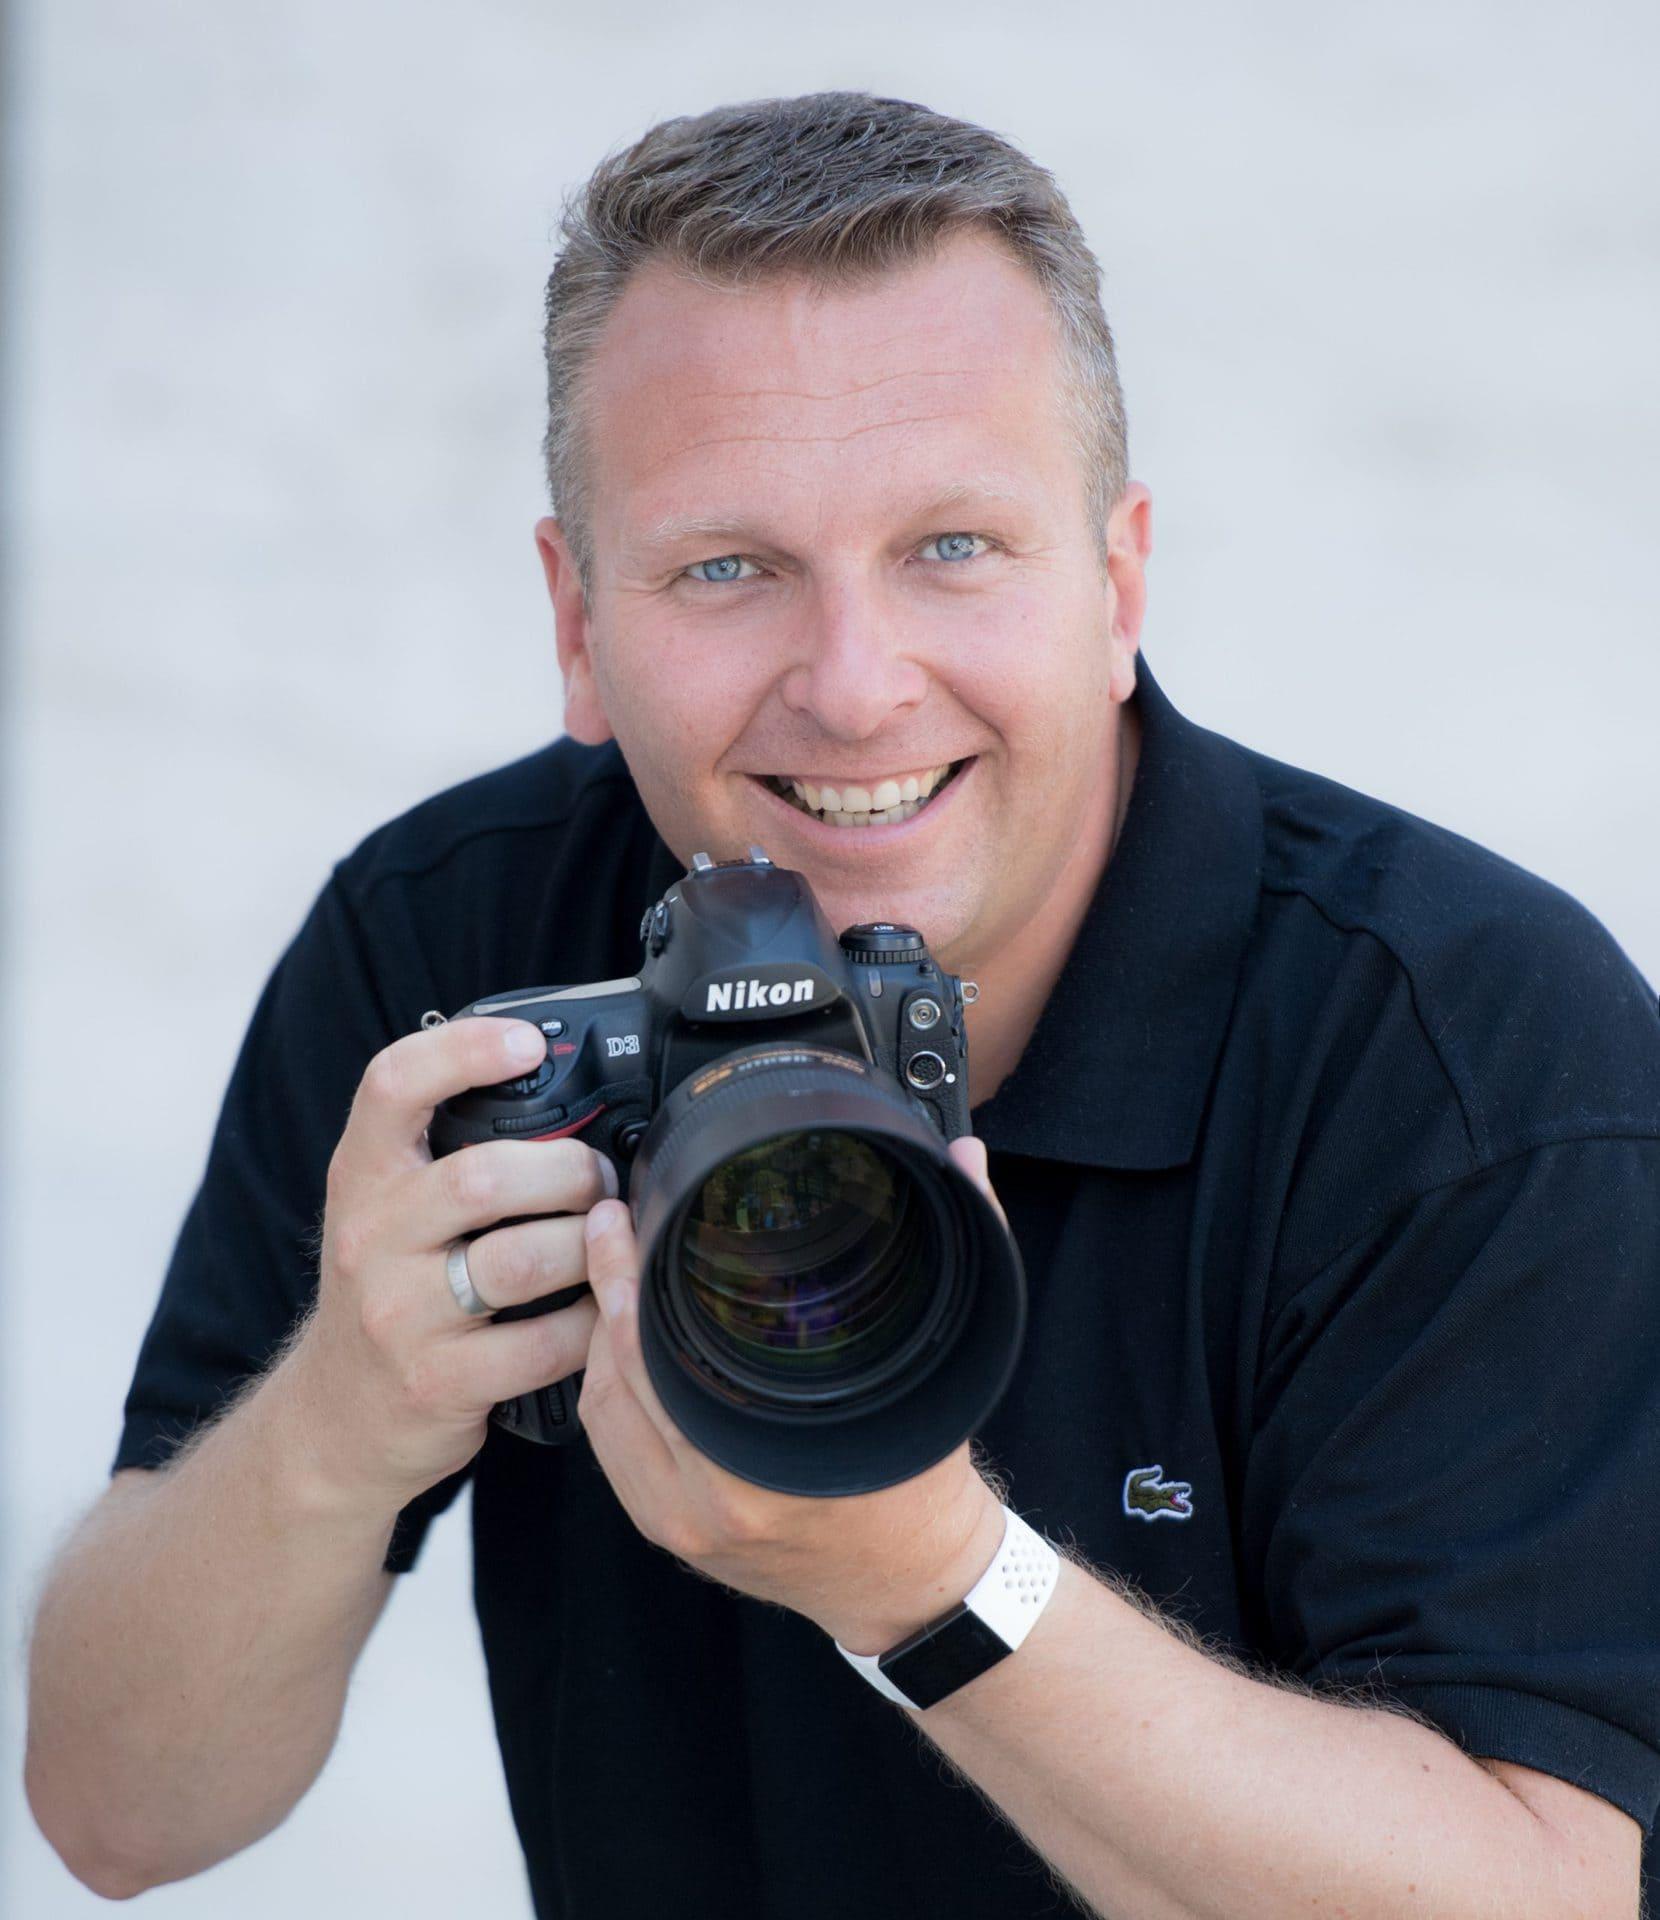 Gewinne mit Blizz ein exklusives Fotoshooting mit Tobias Büttner von Photo-Studio Büttner Photo-Studio Büttner feiert Jubiläum: 15 Jahre professionelle Fotografie aus Regensburg